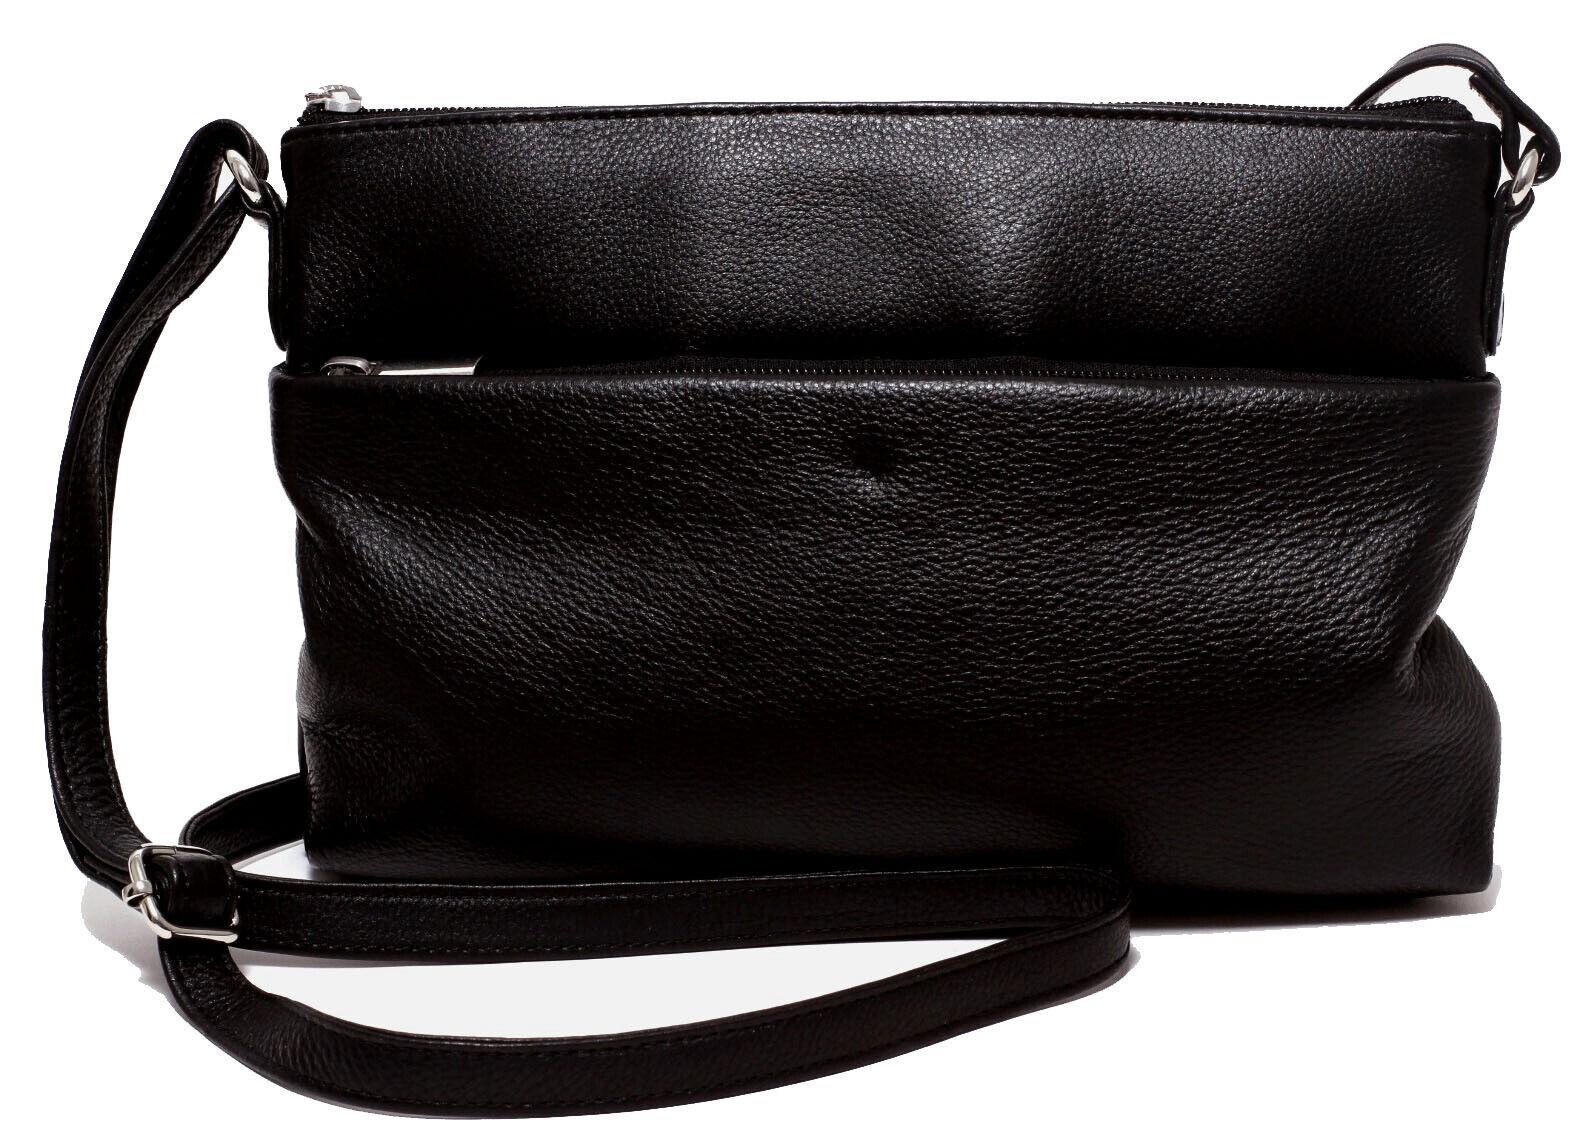 Leder Damen Handtasche schwarz Ledertasche Clutch Schultertasche Abend Tasche